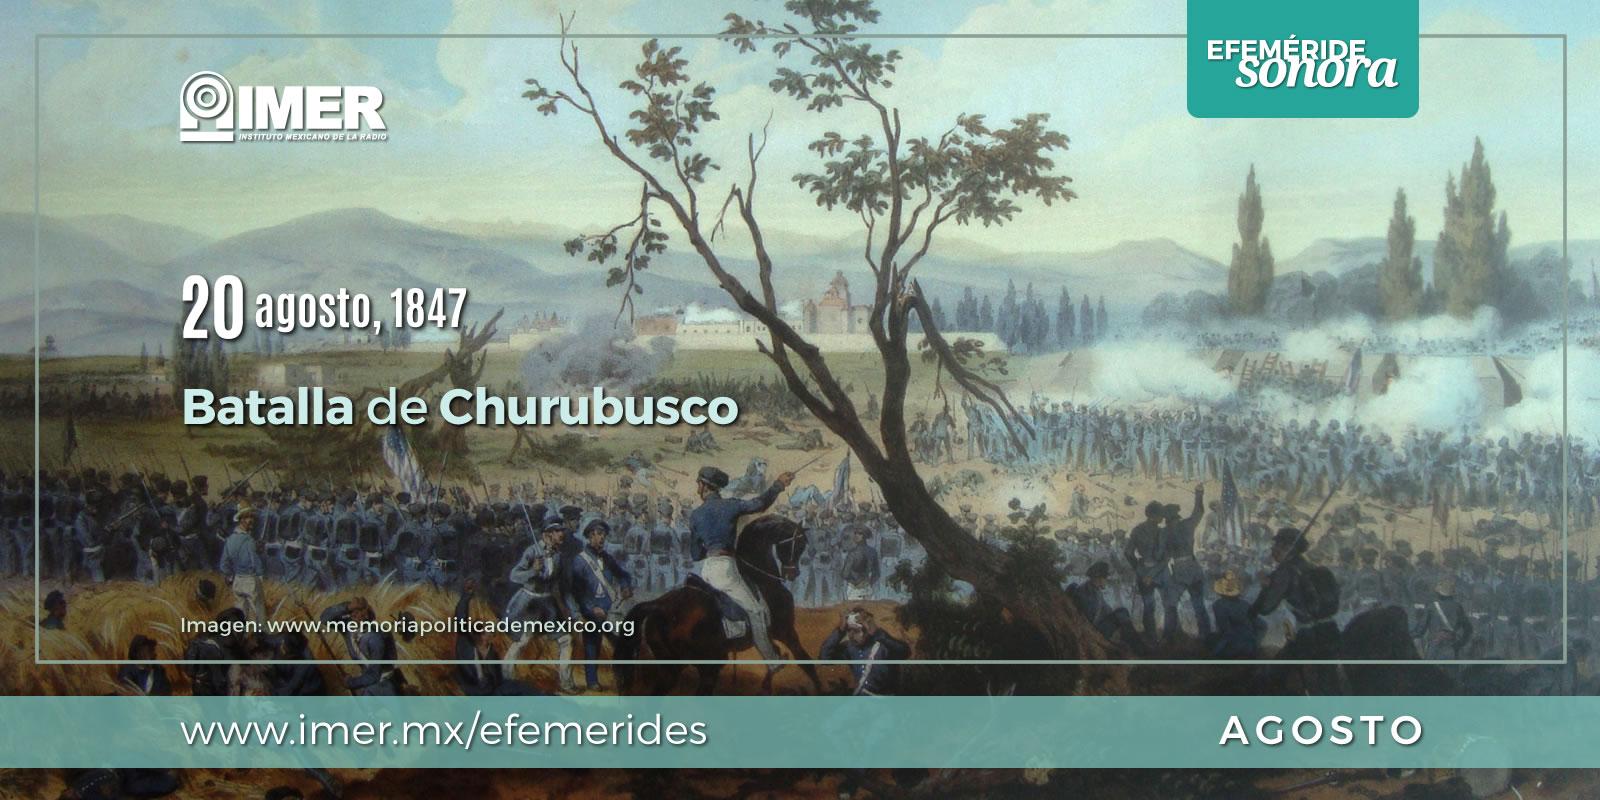 20 de agosto de 1847, Batalla de Churubusco – IMER